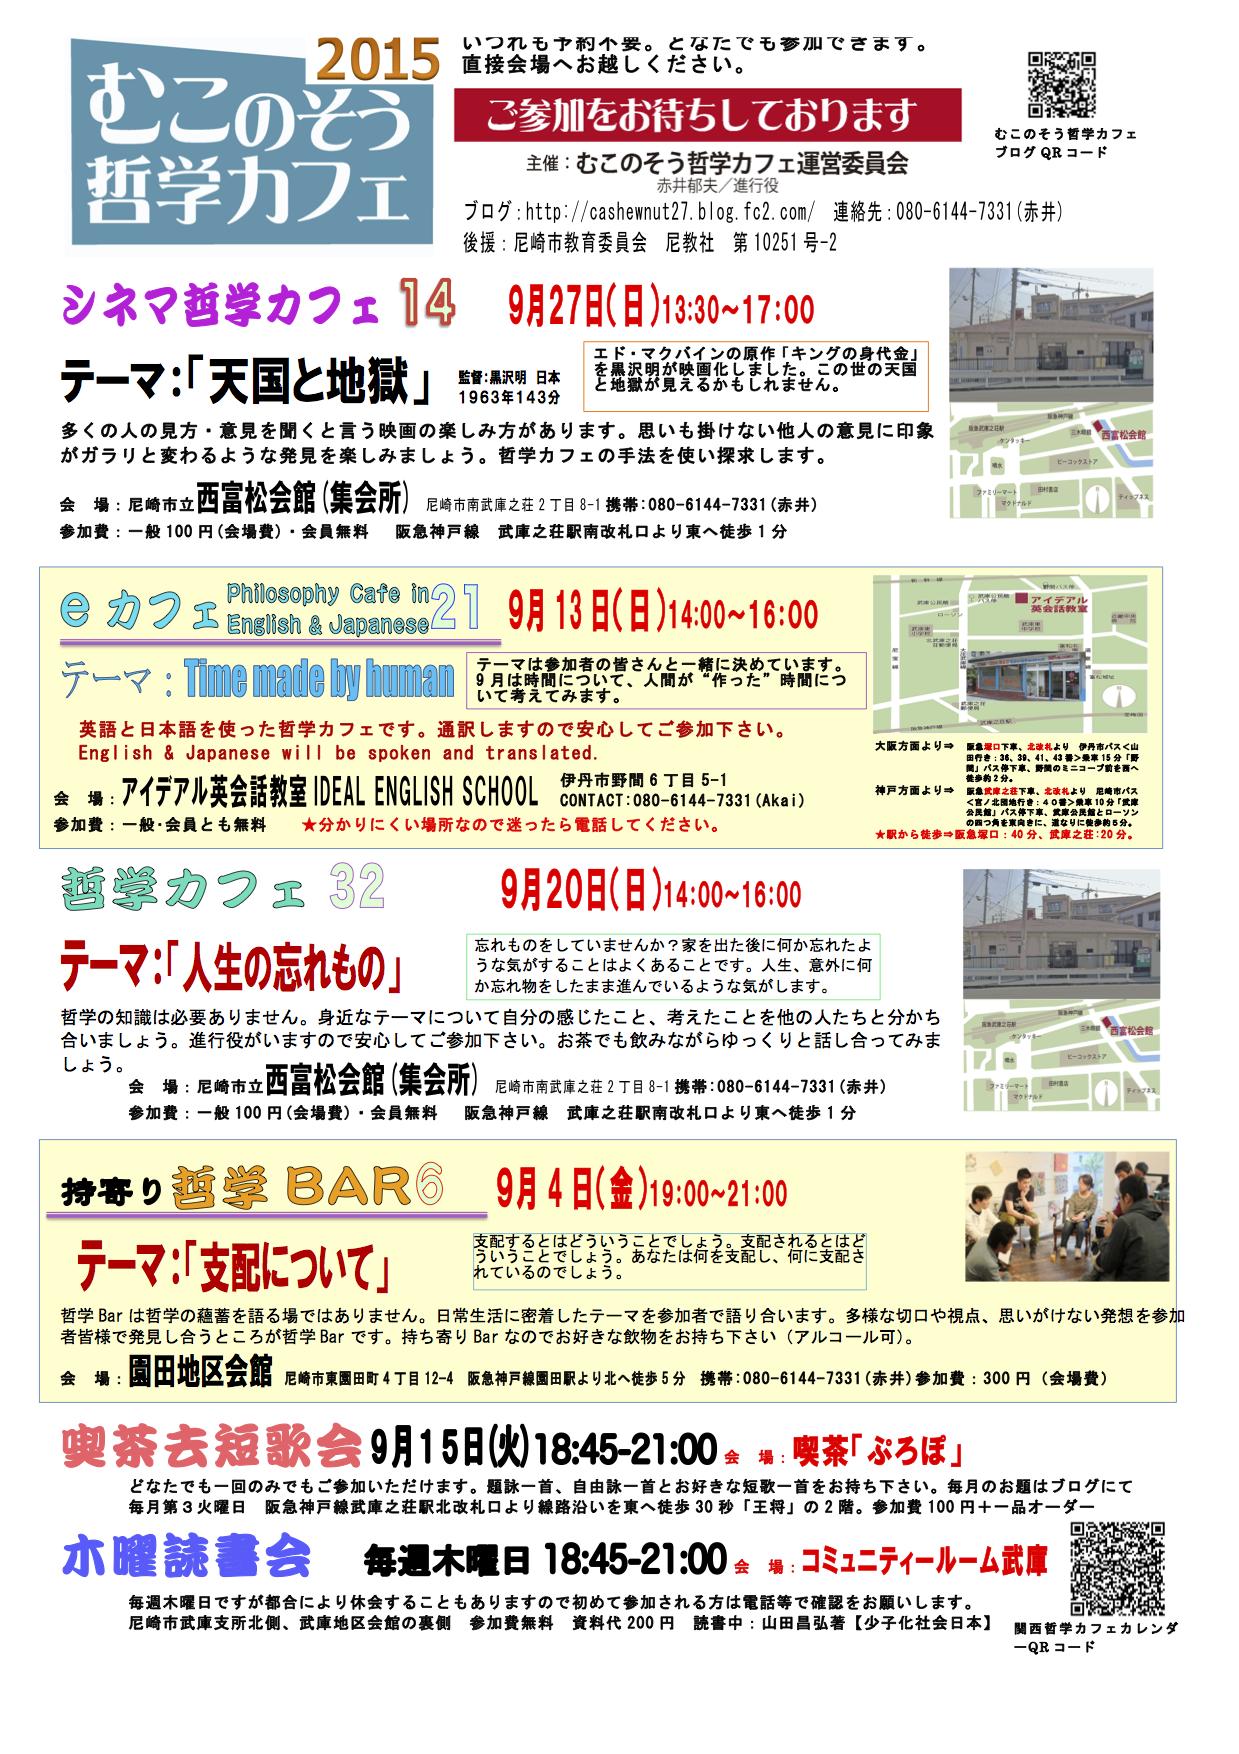 01509DDD新ポスター